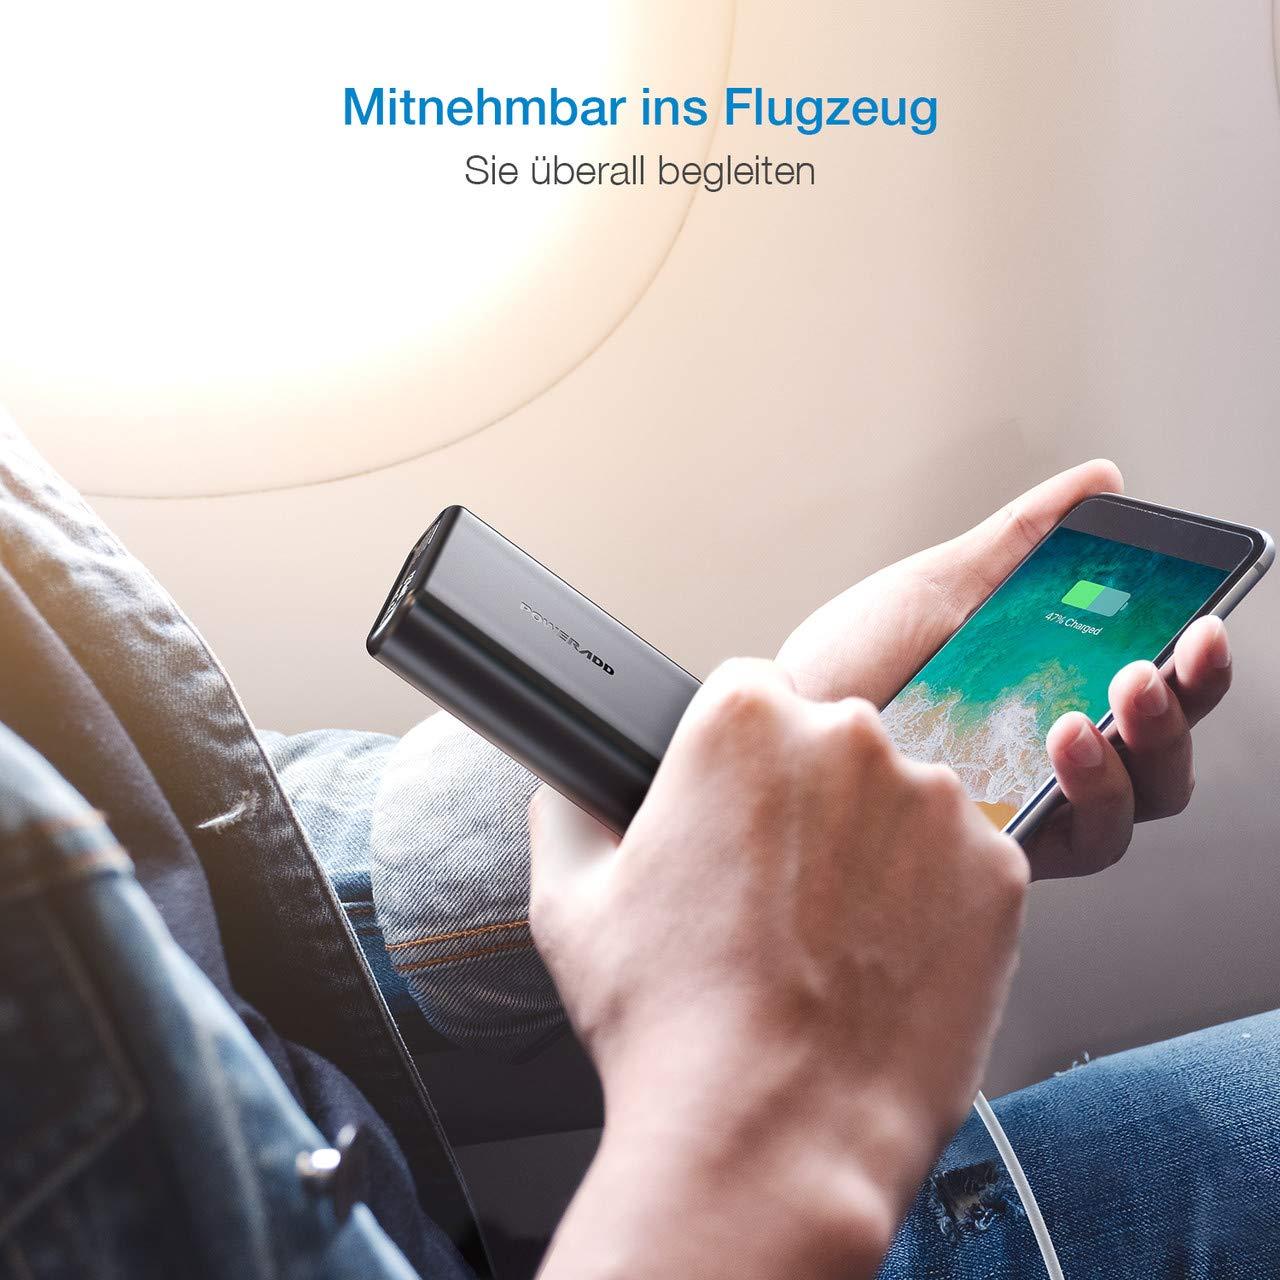 POWERADD EnergyCell 20000mAh Powerbank mit Power Delivery, PD 18W Externer Akku mit USB C Anschluss, schnelles Laden für iPhone Samsung Smartphone, Schwarz